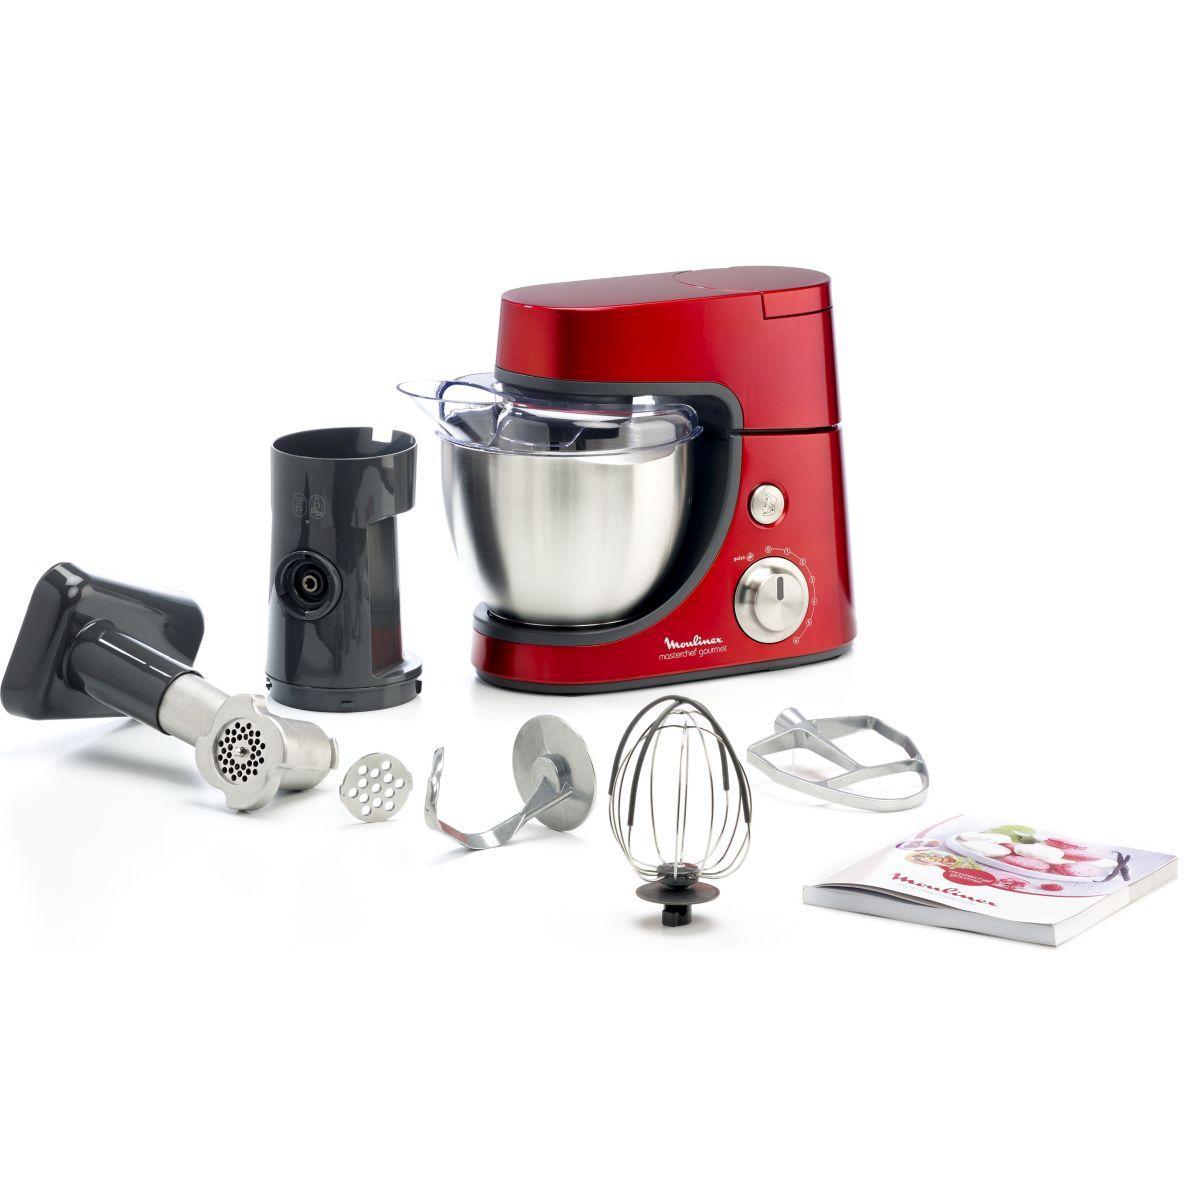 Robot moulinex masterchef gourmet rouge - 2% de remise immédiate avec le code : cool2 (photo)